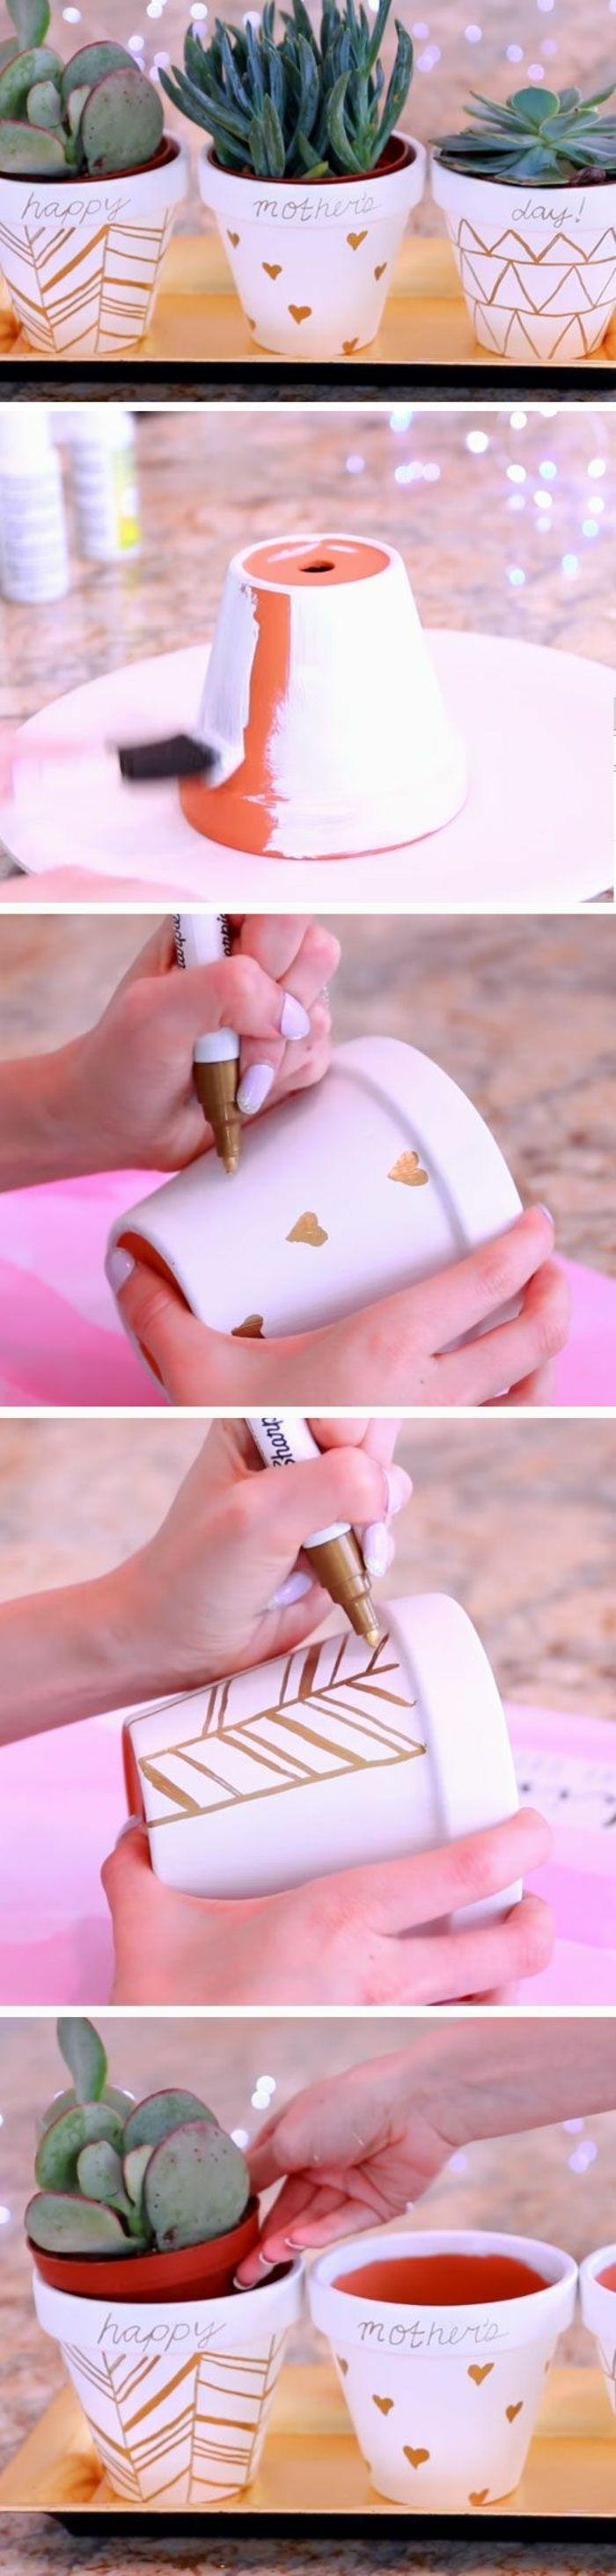 Cadeau pour la fete des meres, cache pot repeint en blanc et customisé au feutre doré, dessins simples, tutoriel pot de fleurs diy  ♥️ #epinglercpartager